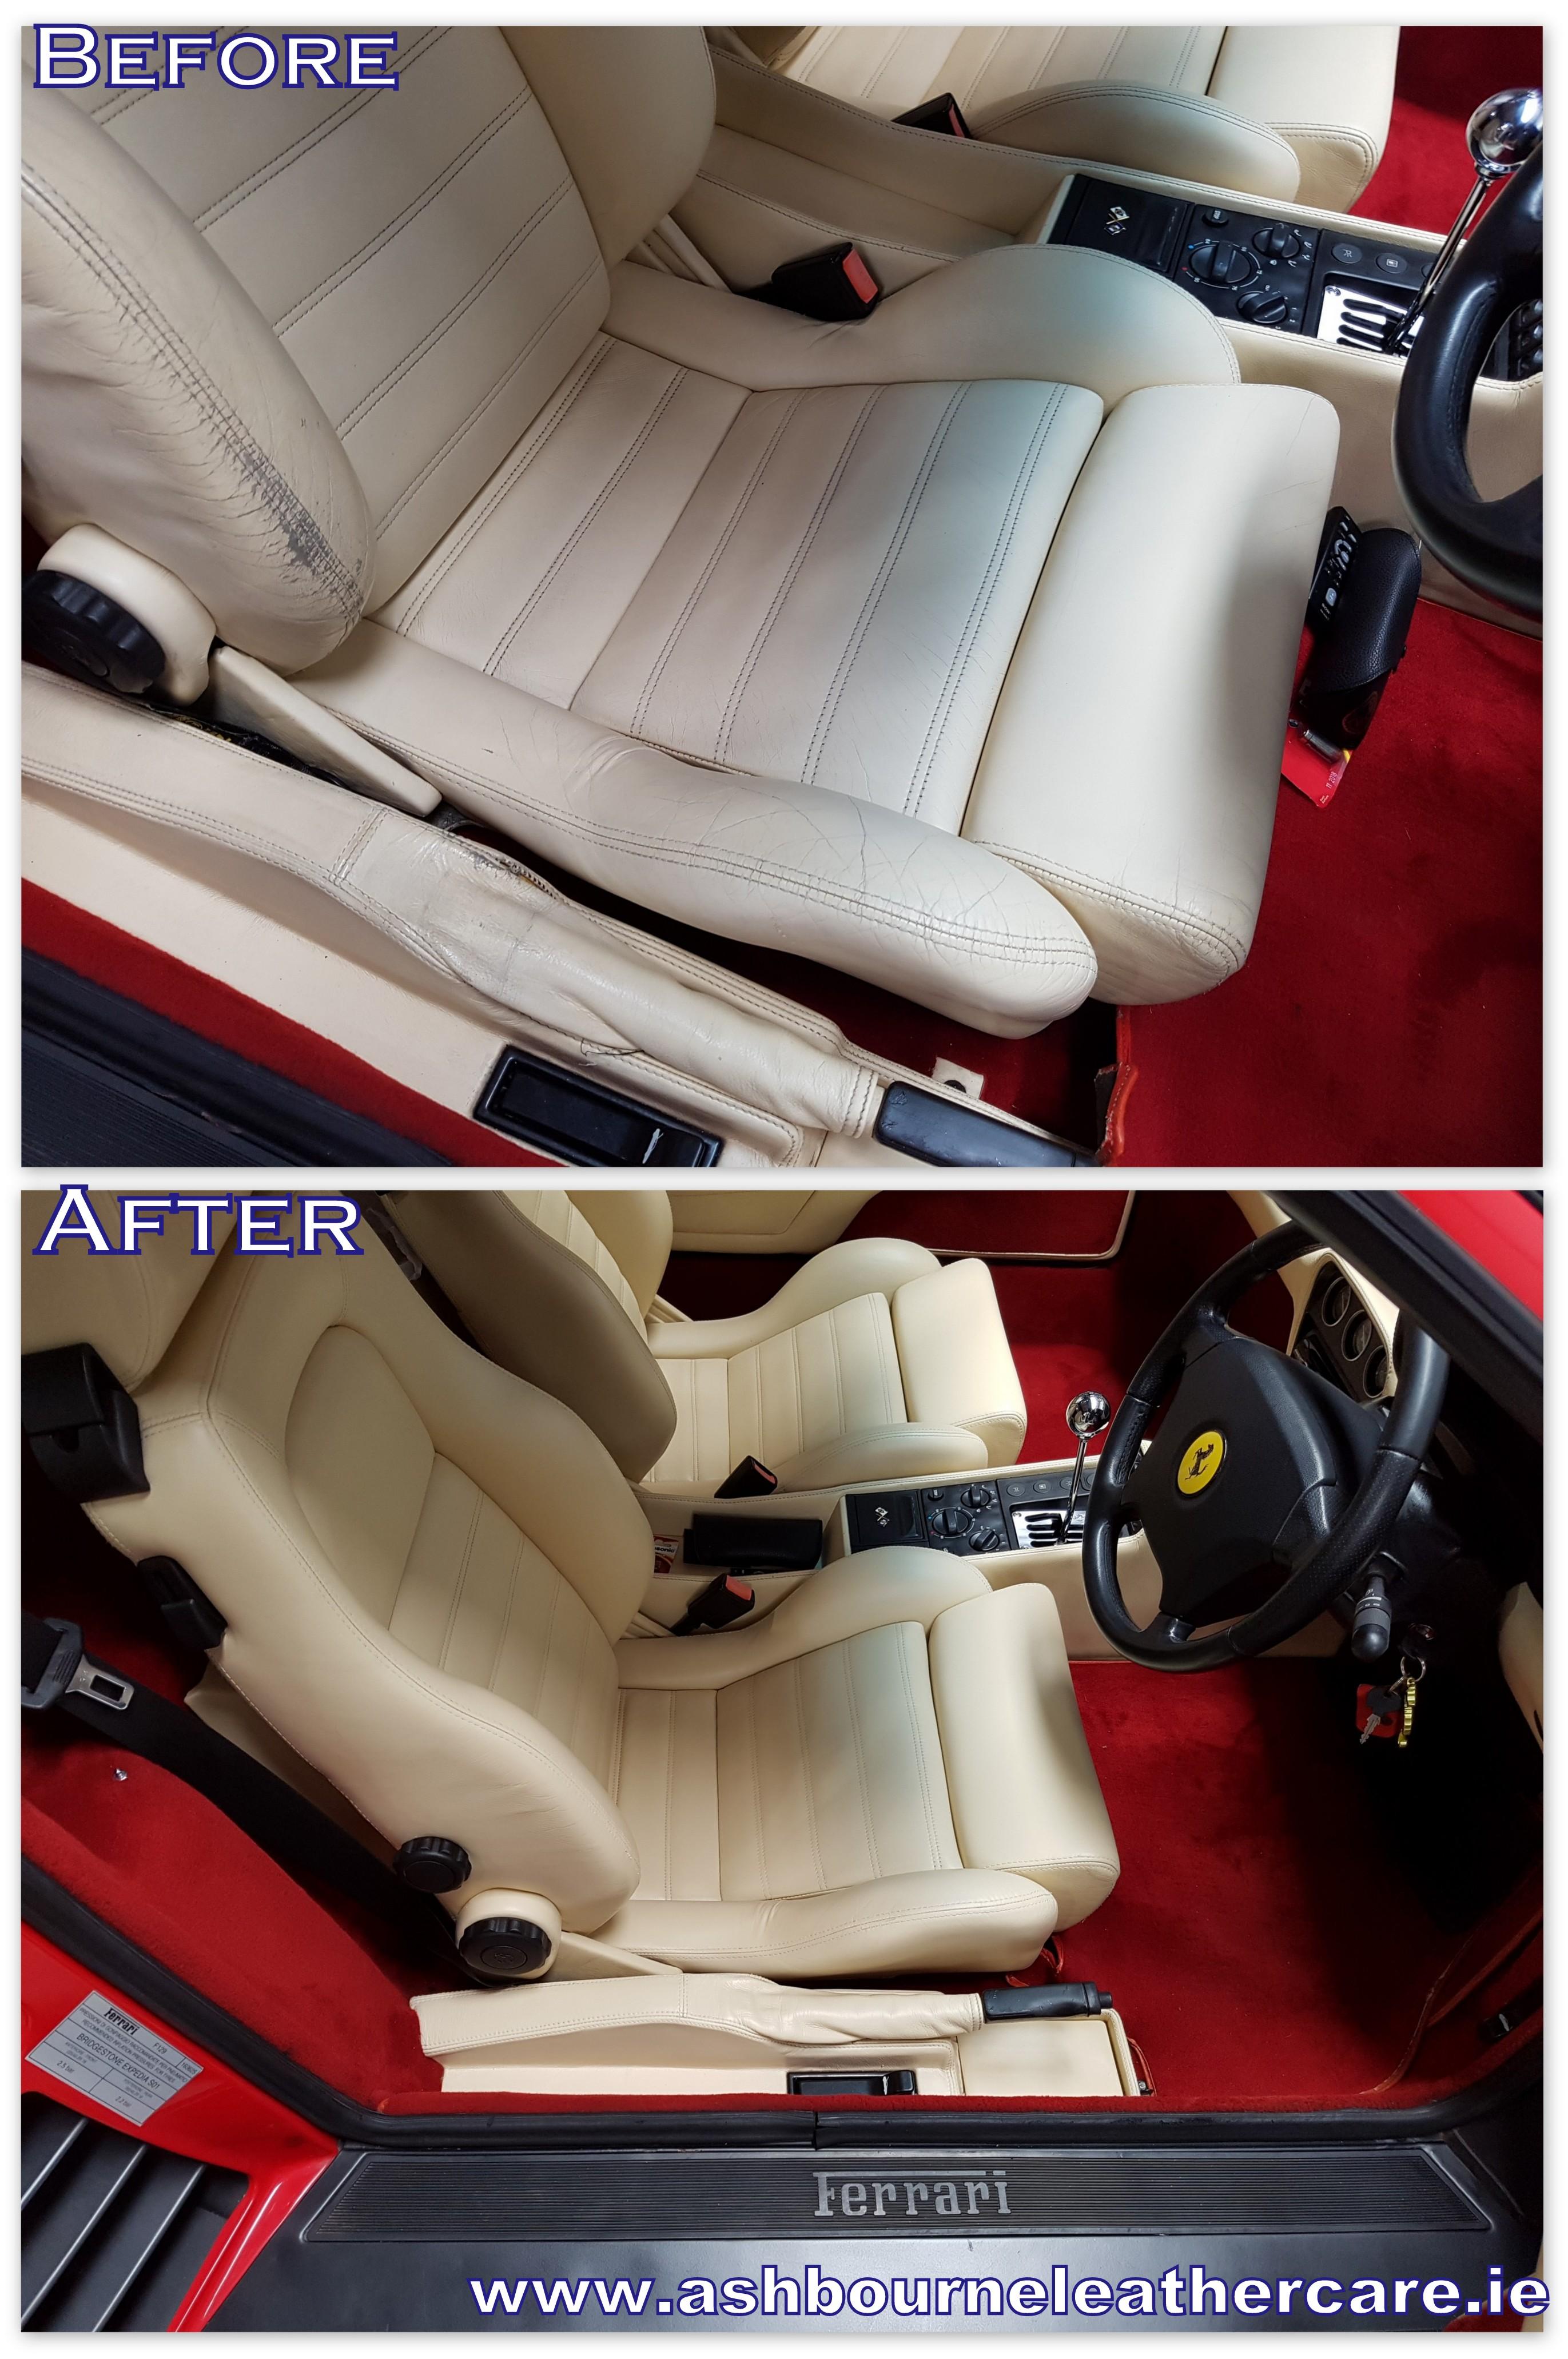 seat color restoration Ferrari.